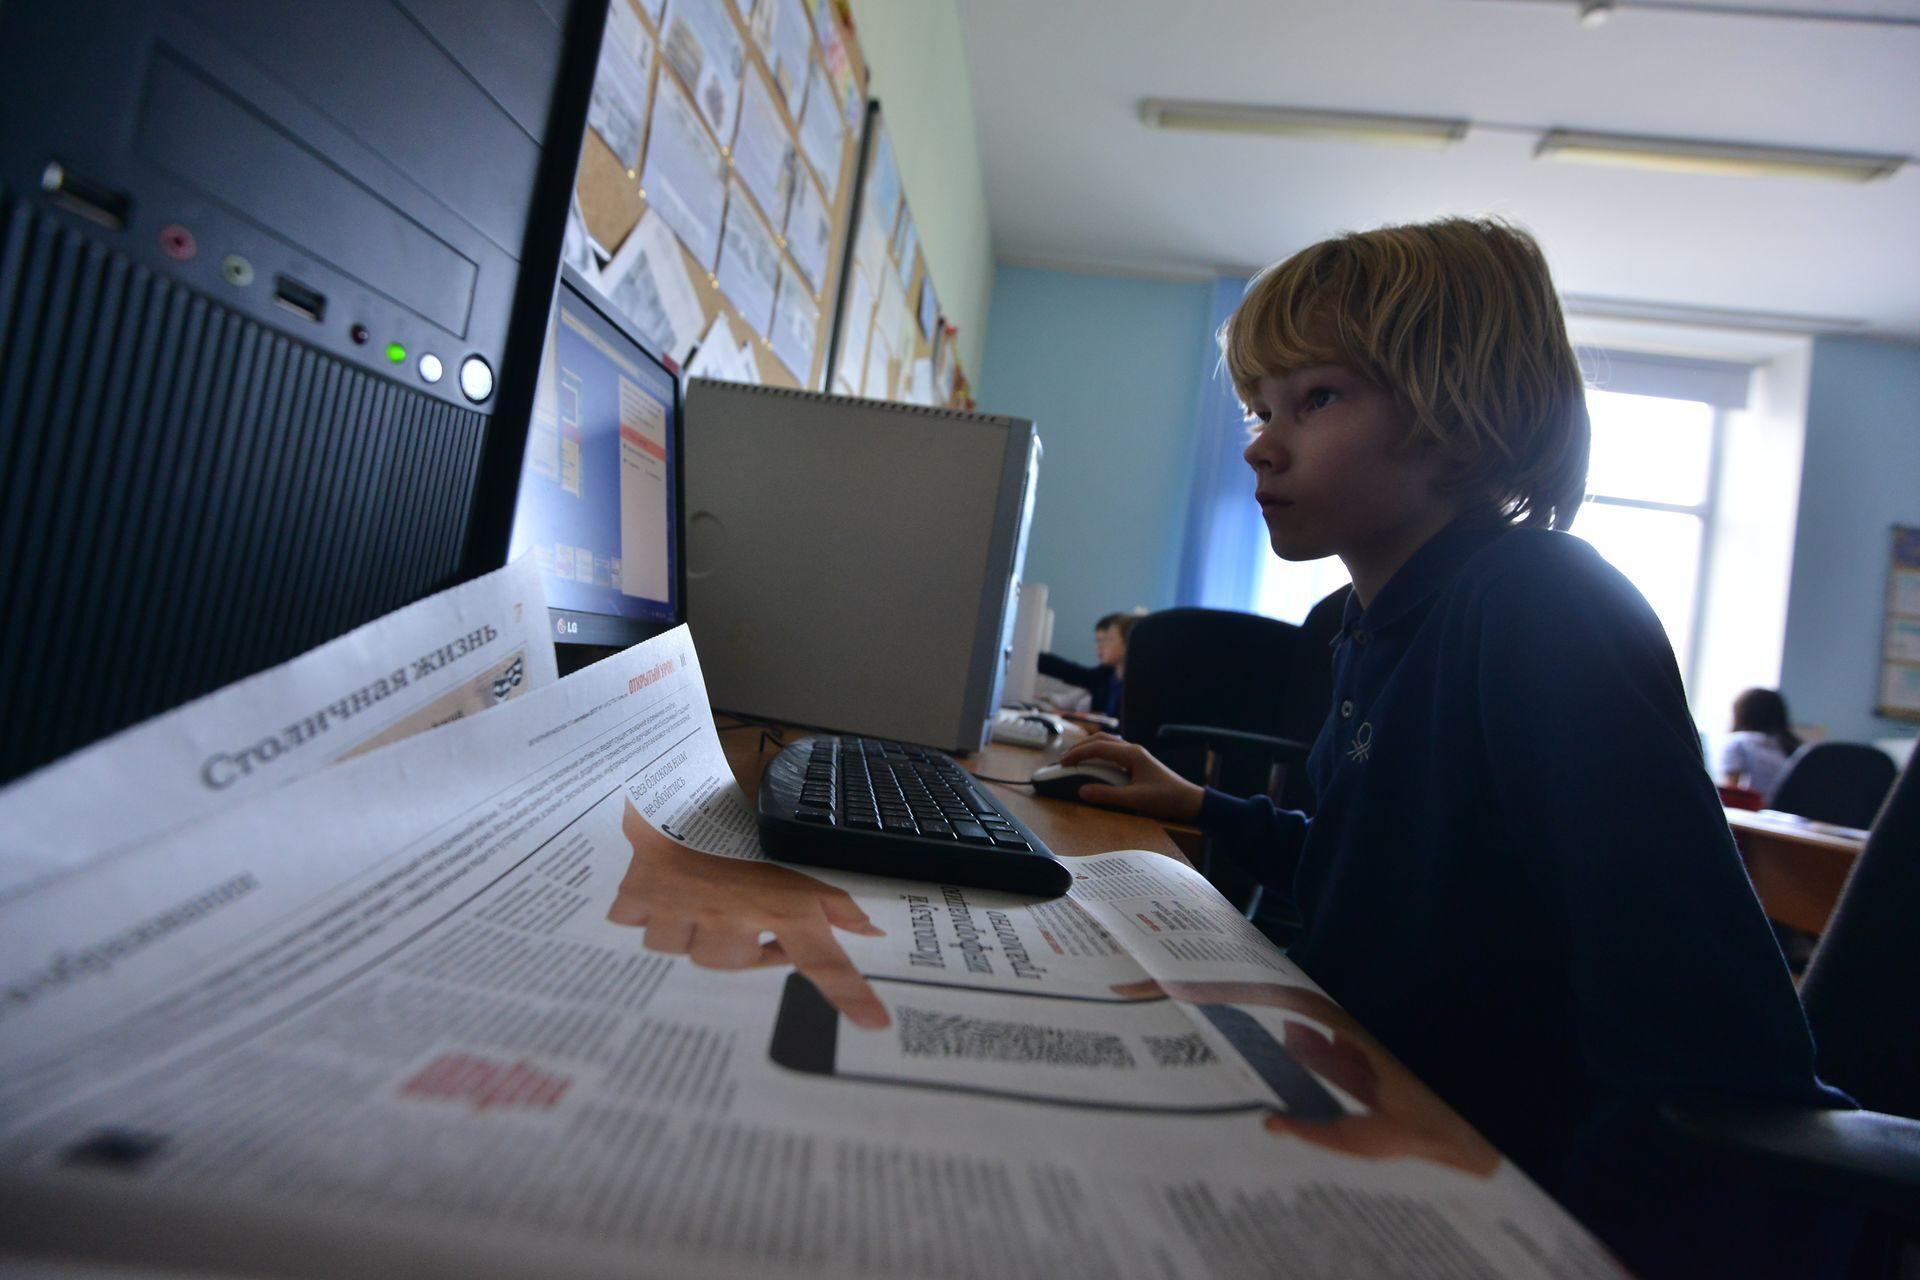 Граждане столицы увидят новые репортажи наМосковском образовательном телеканале